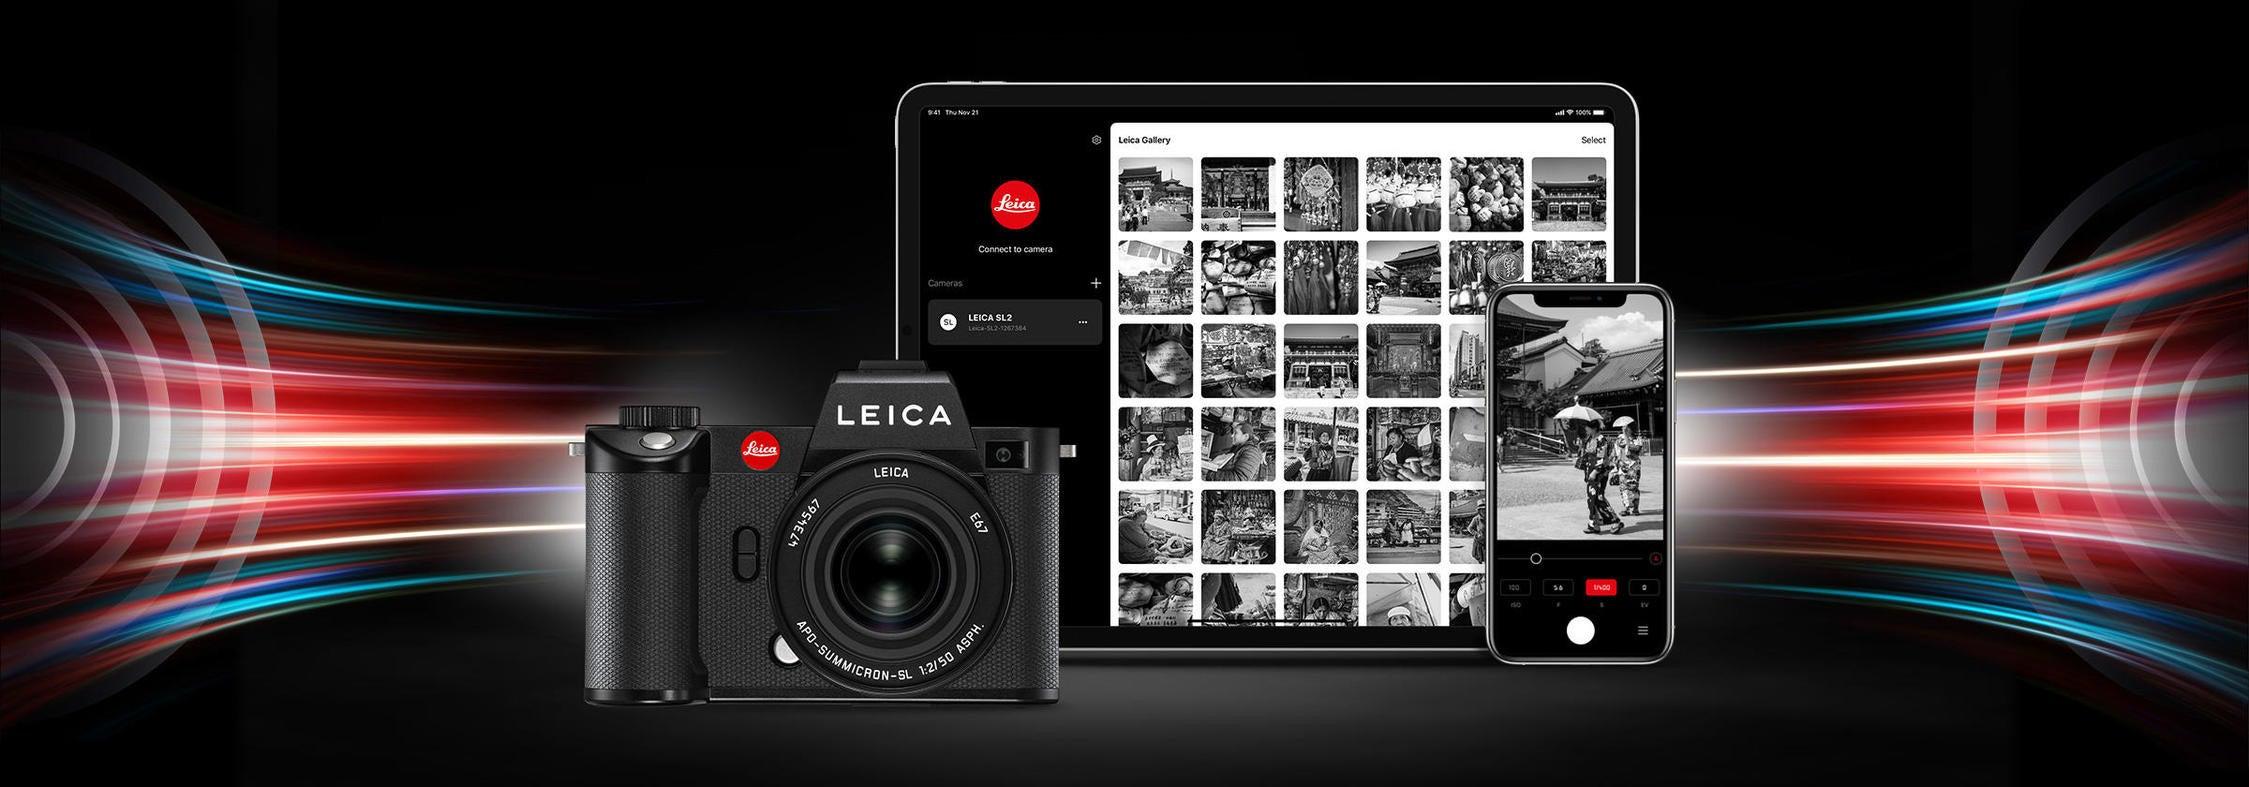 Leica Foto transfer app